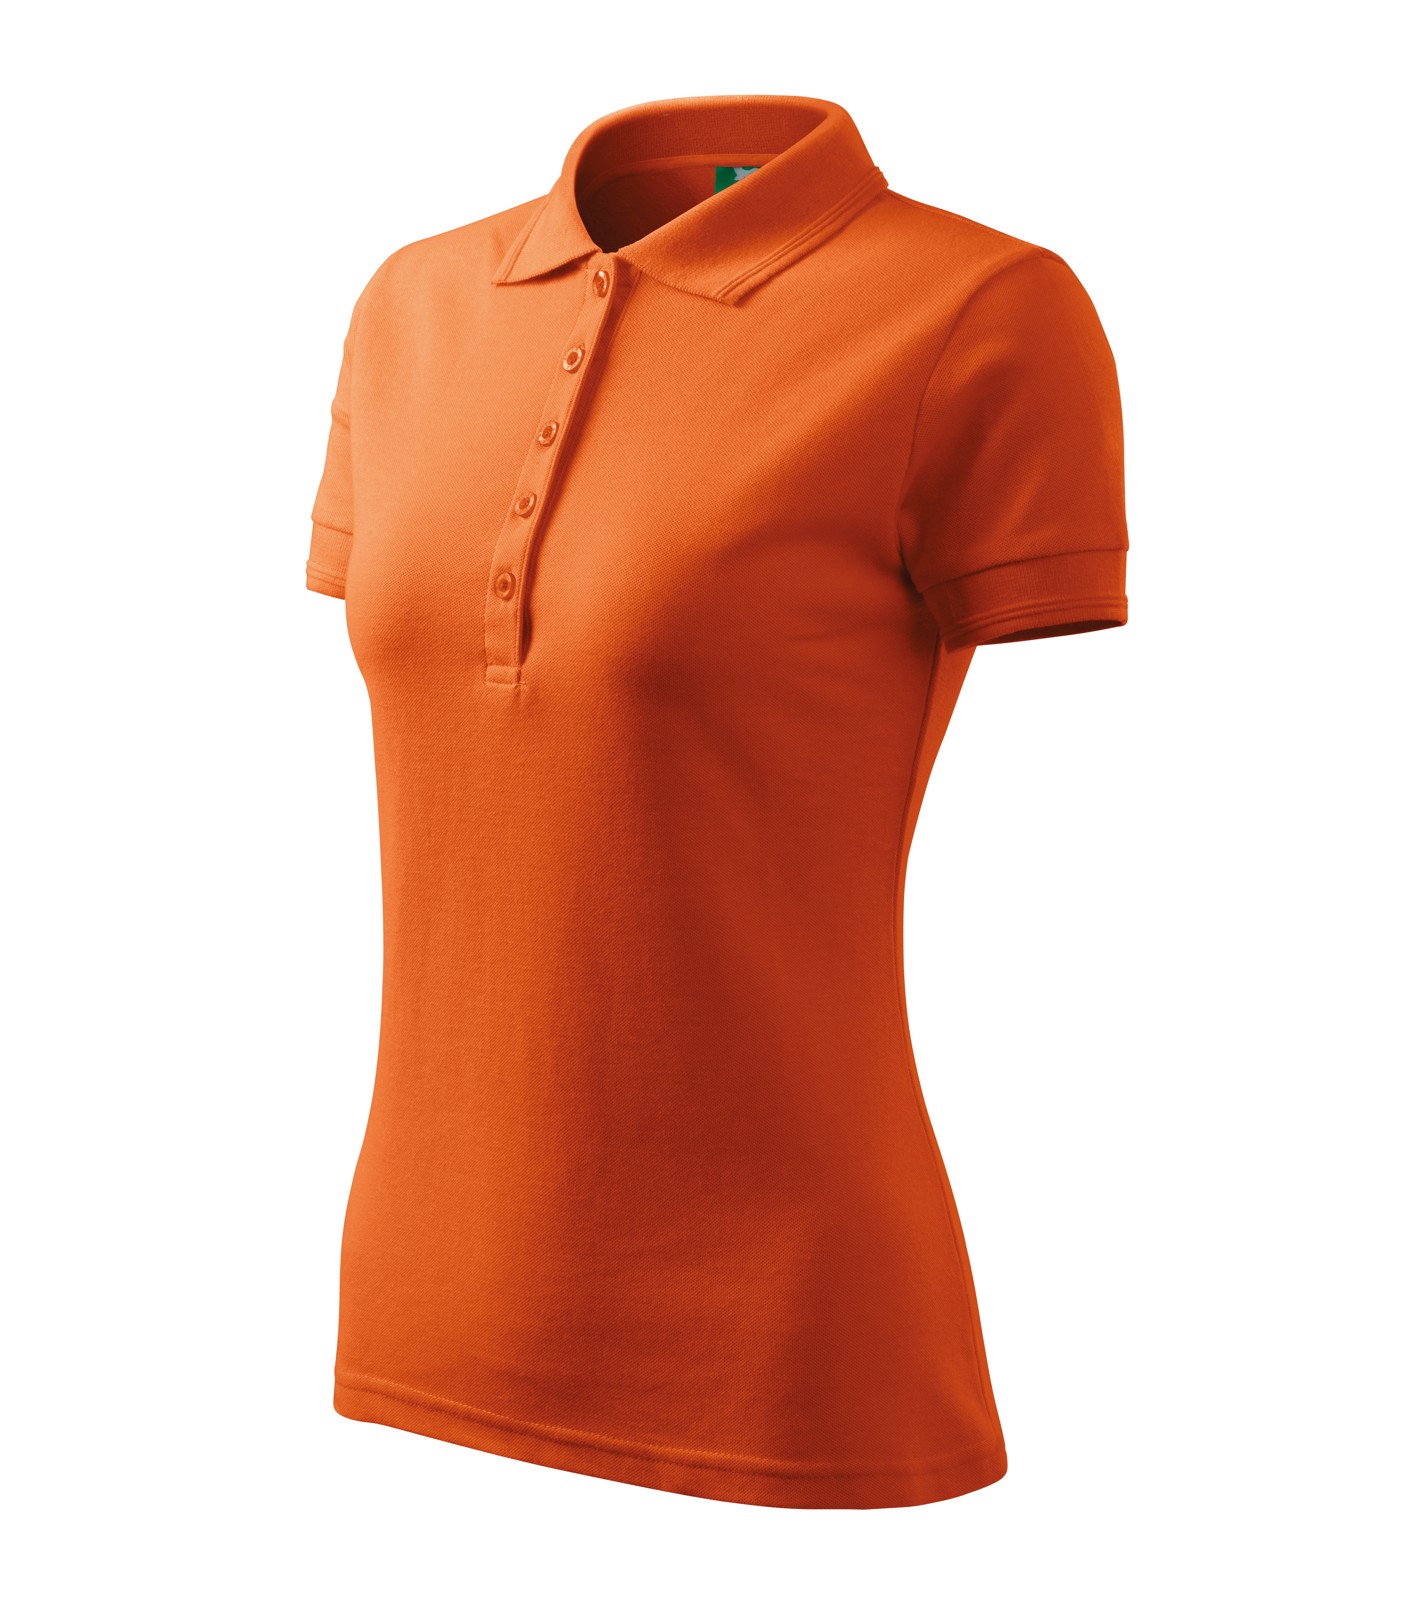 Polokošile dámská Malfini Pique Polo - Oranžová / 2XL